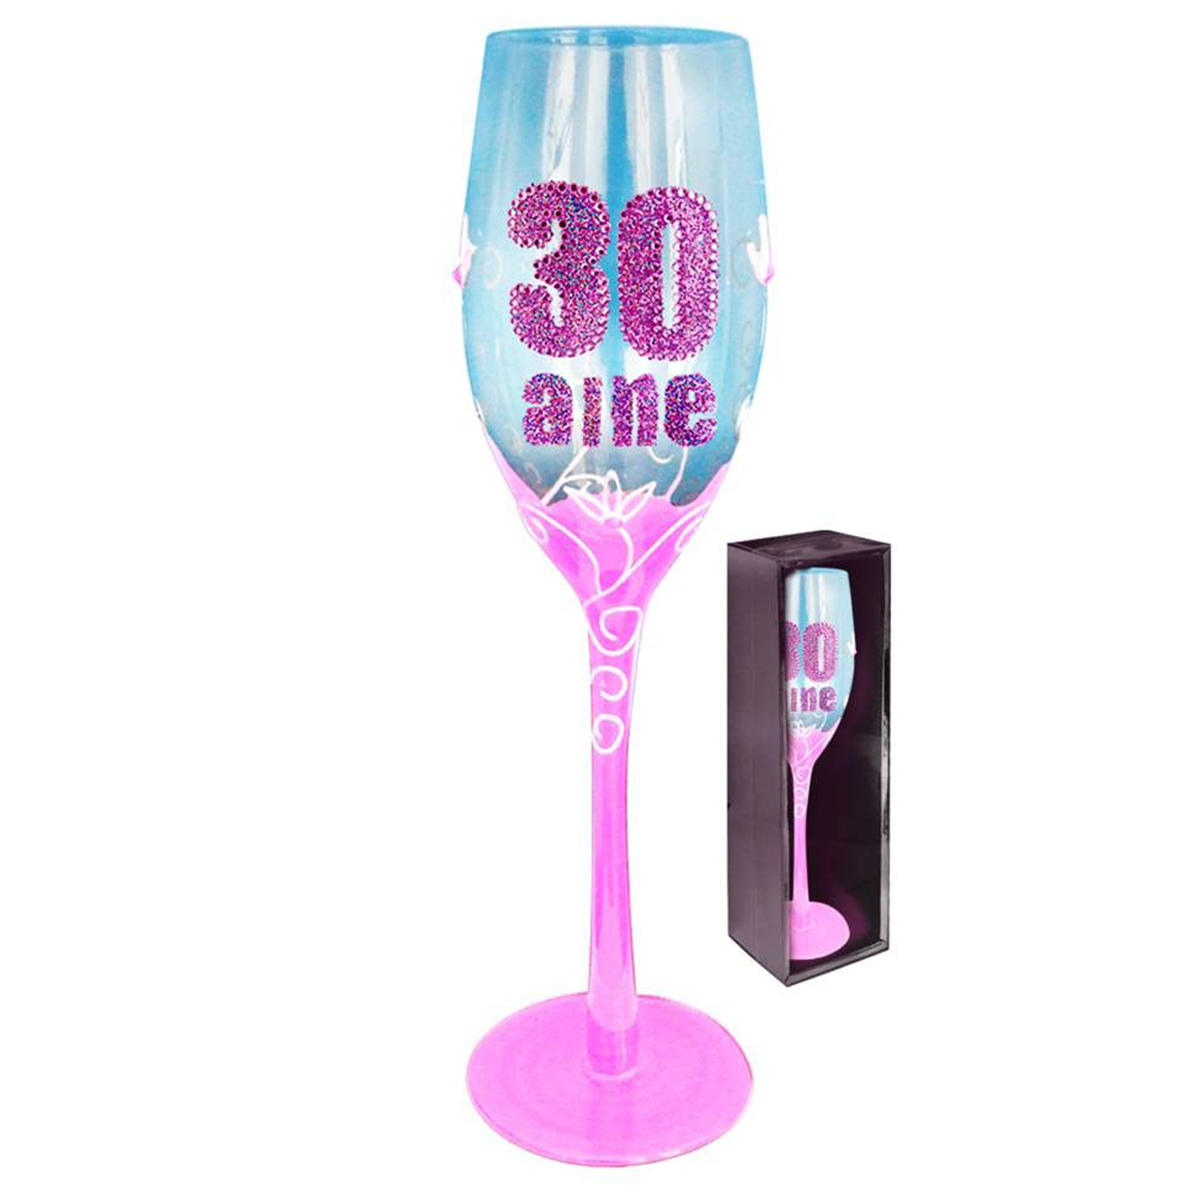 Coupe flute à champagne \'30 aine\' rose - 24 cm - [Q5581]